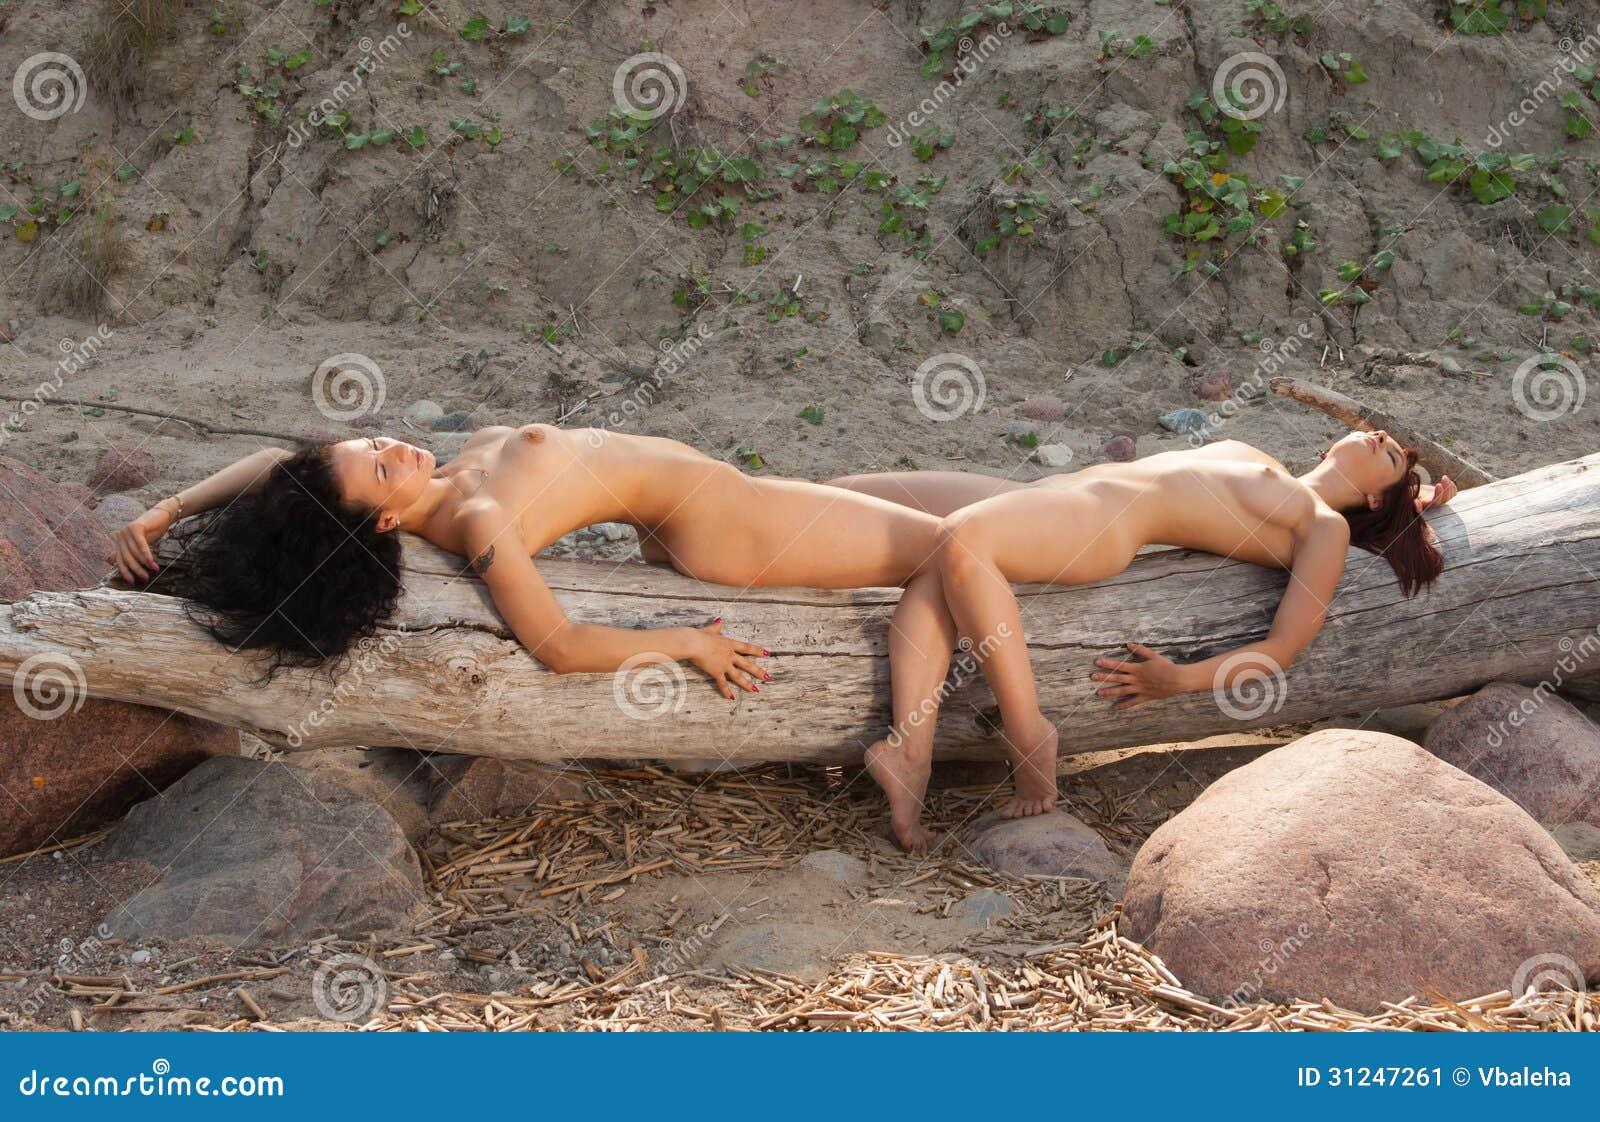 Immagine Stock Donne Nude Che Prendono Il Sole Sulla Spiaggia